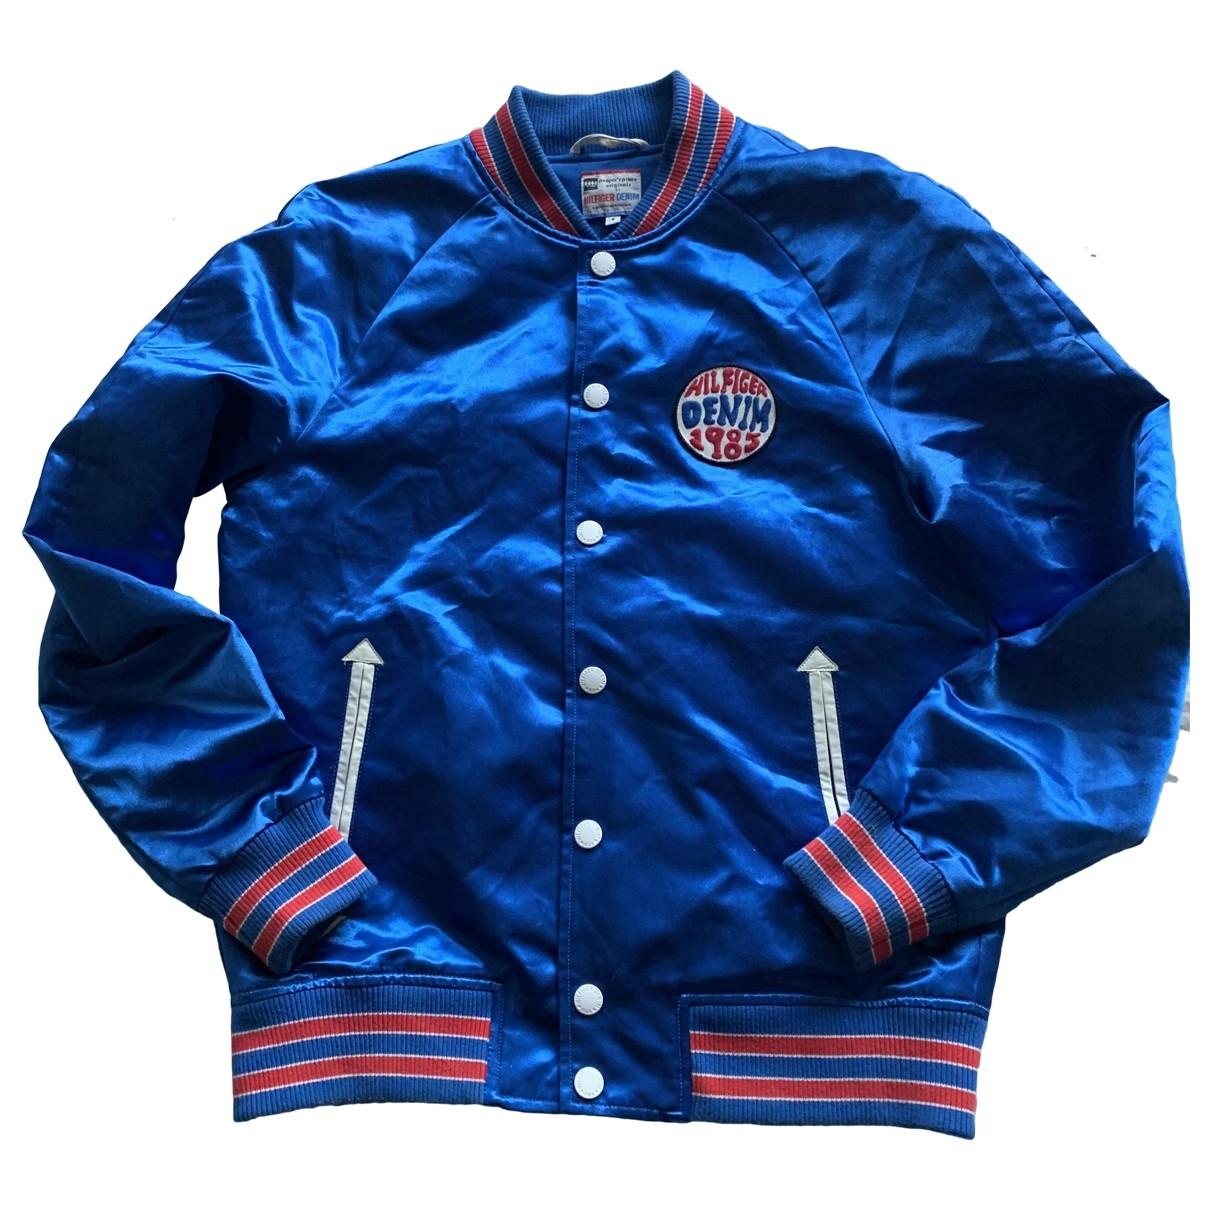 Tommy Jeans \N Blue jacket  for Men S International